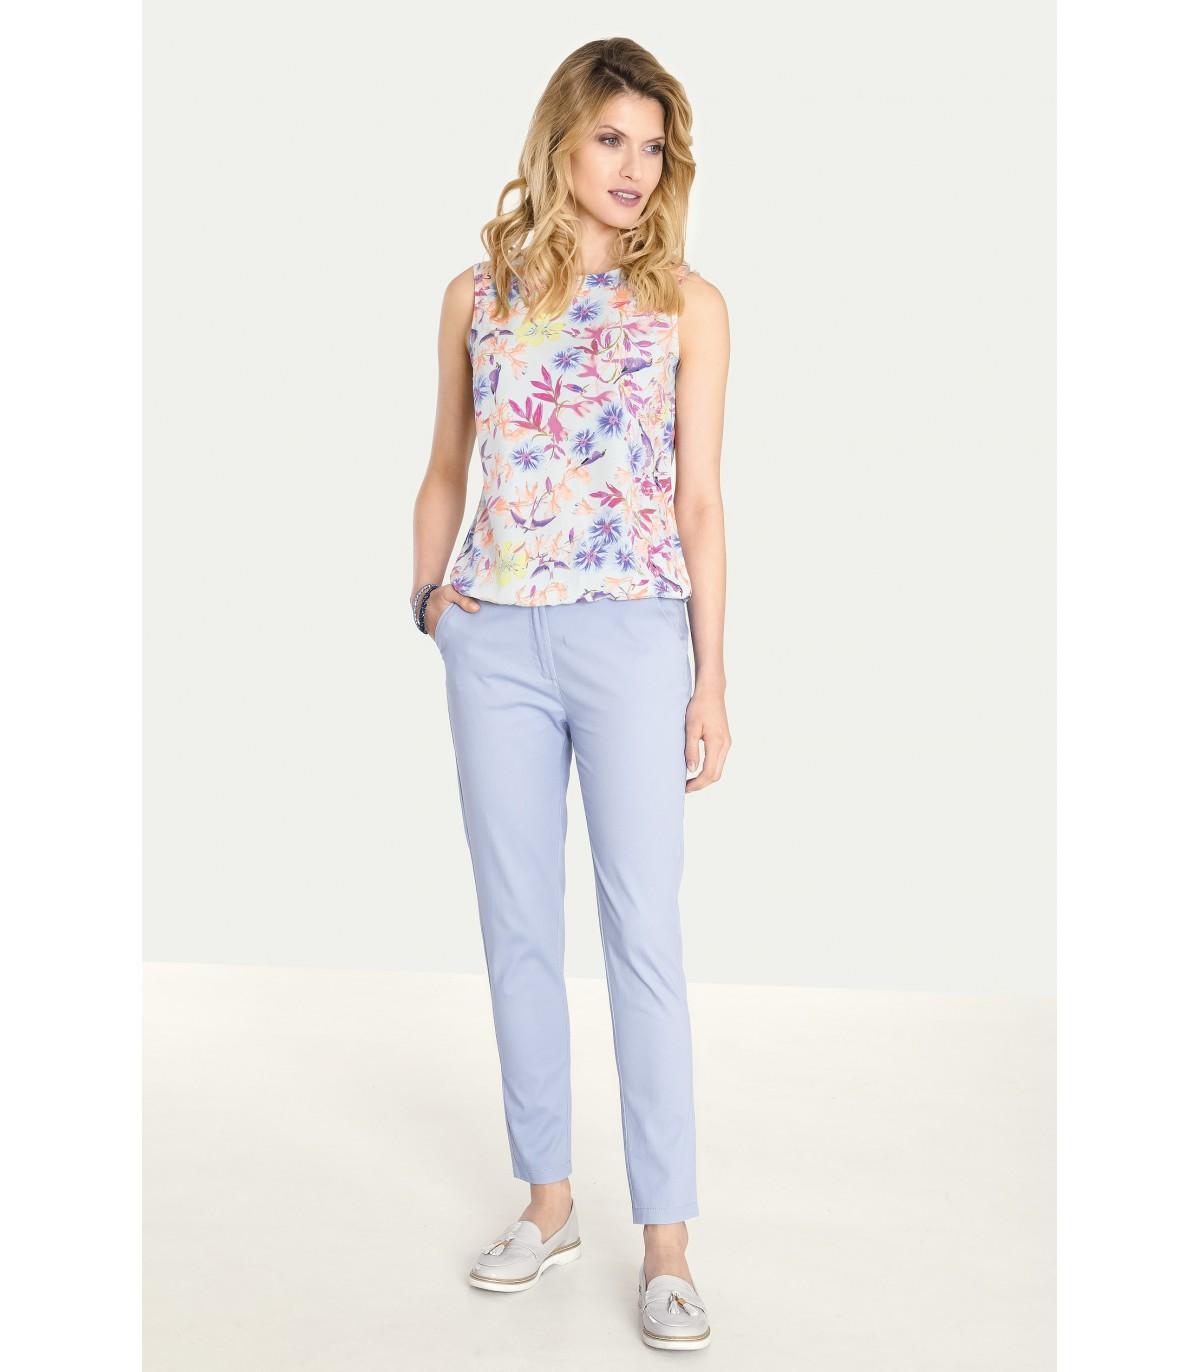 ba7ba385ada1 Klasické bavlněné kalhoty - 6547 - Grenpointfashion